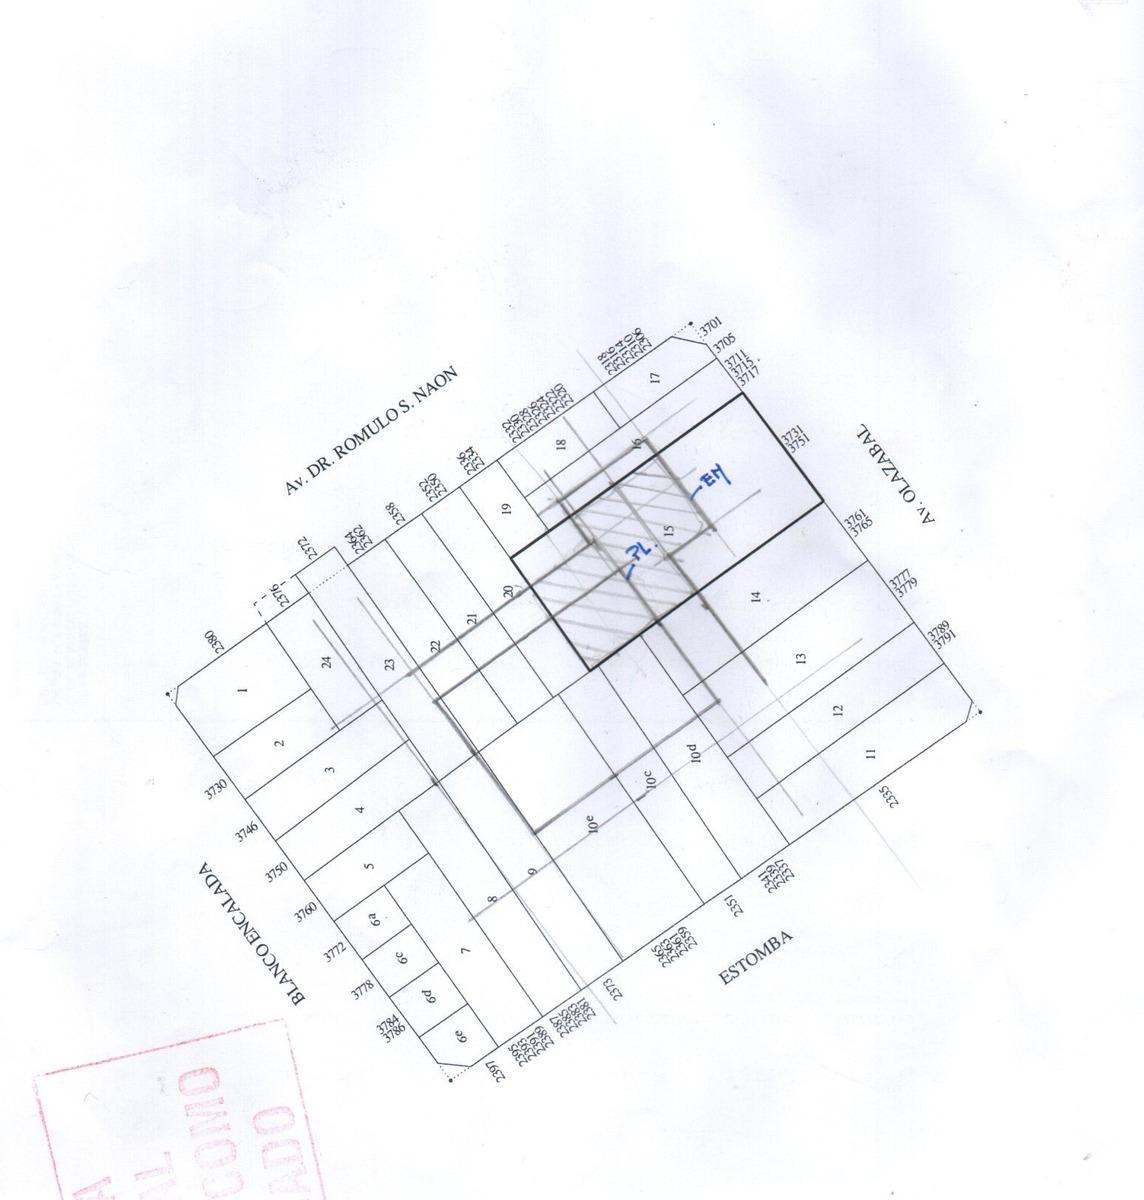 belgrano r , lote unico , 1147 m2 ppios a contrsuir